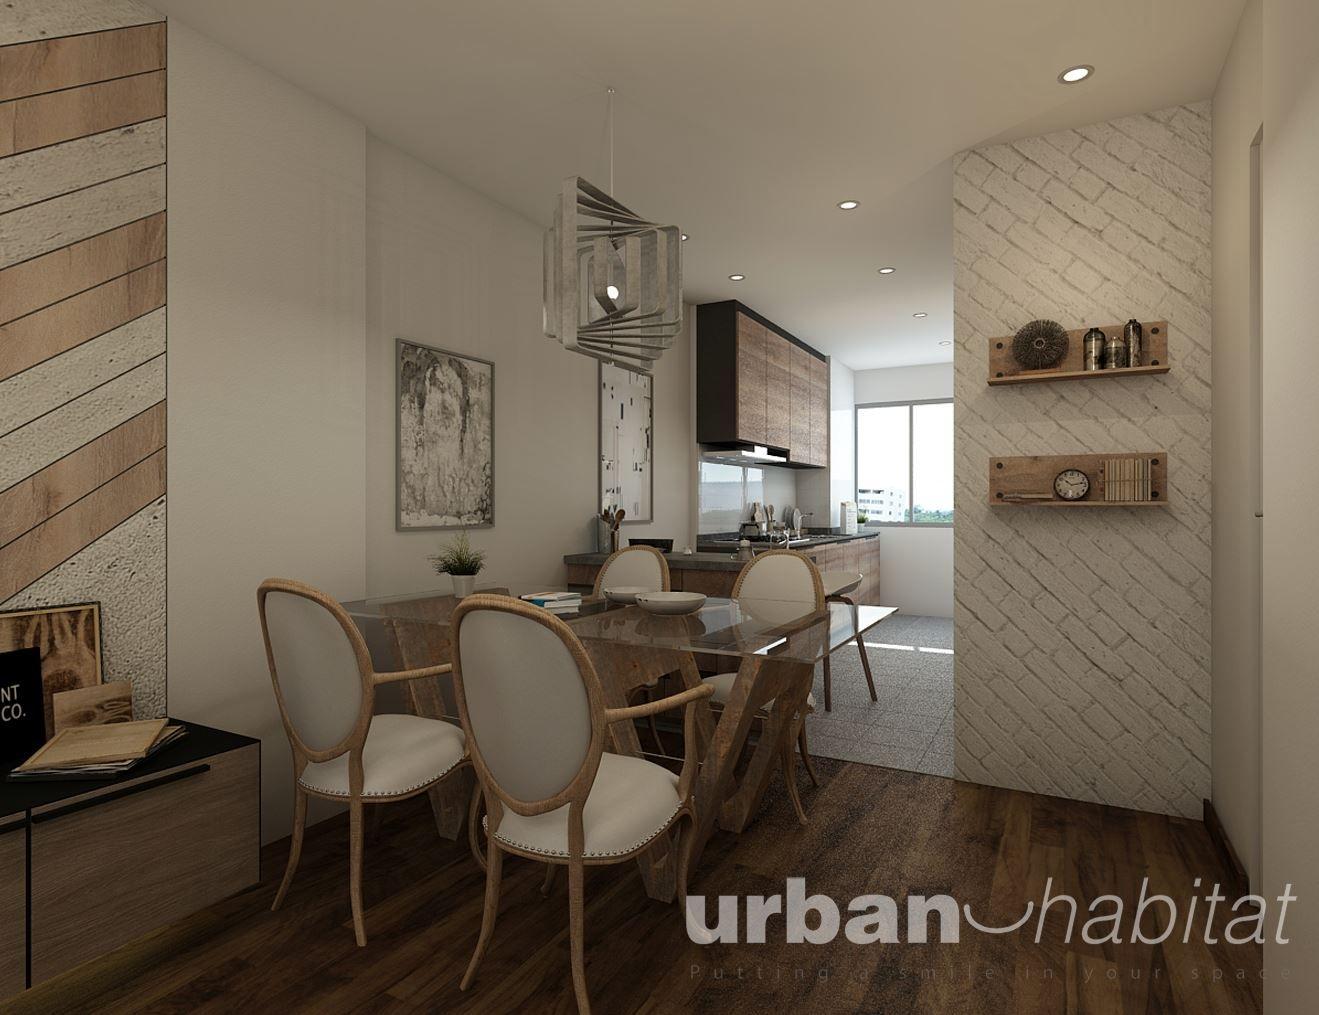 10460910 527023724067616 3540570774843466165 O Jpg 1319 1015 Interior Design Interior Design Singapore Room